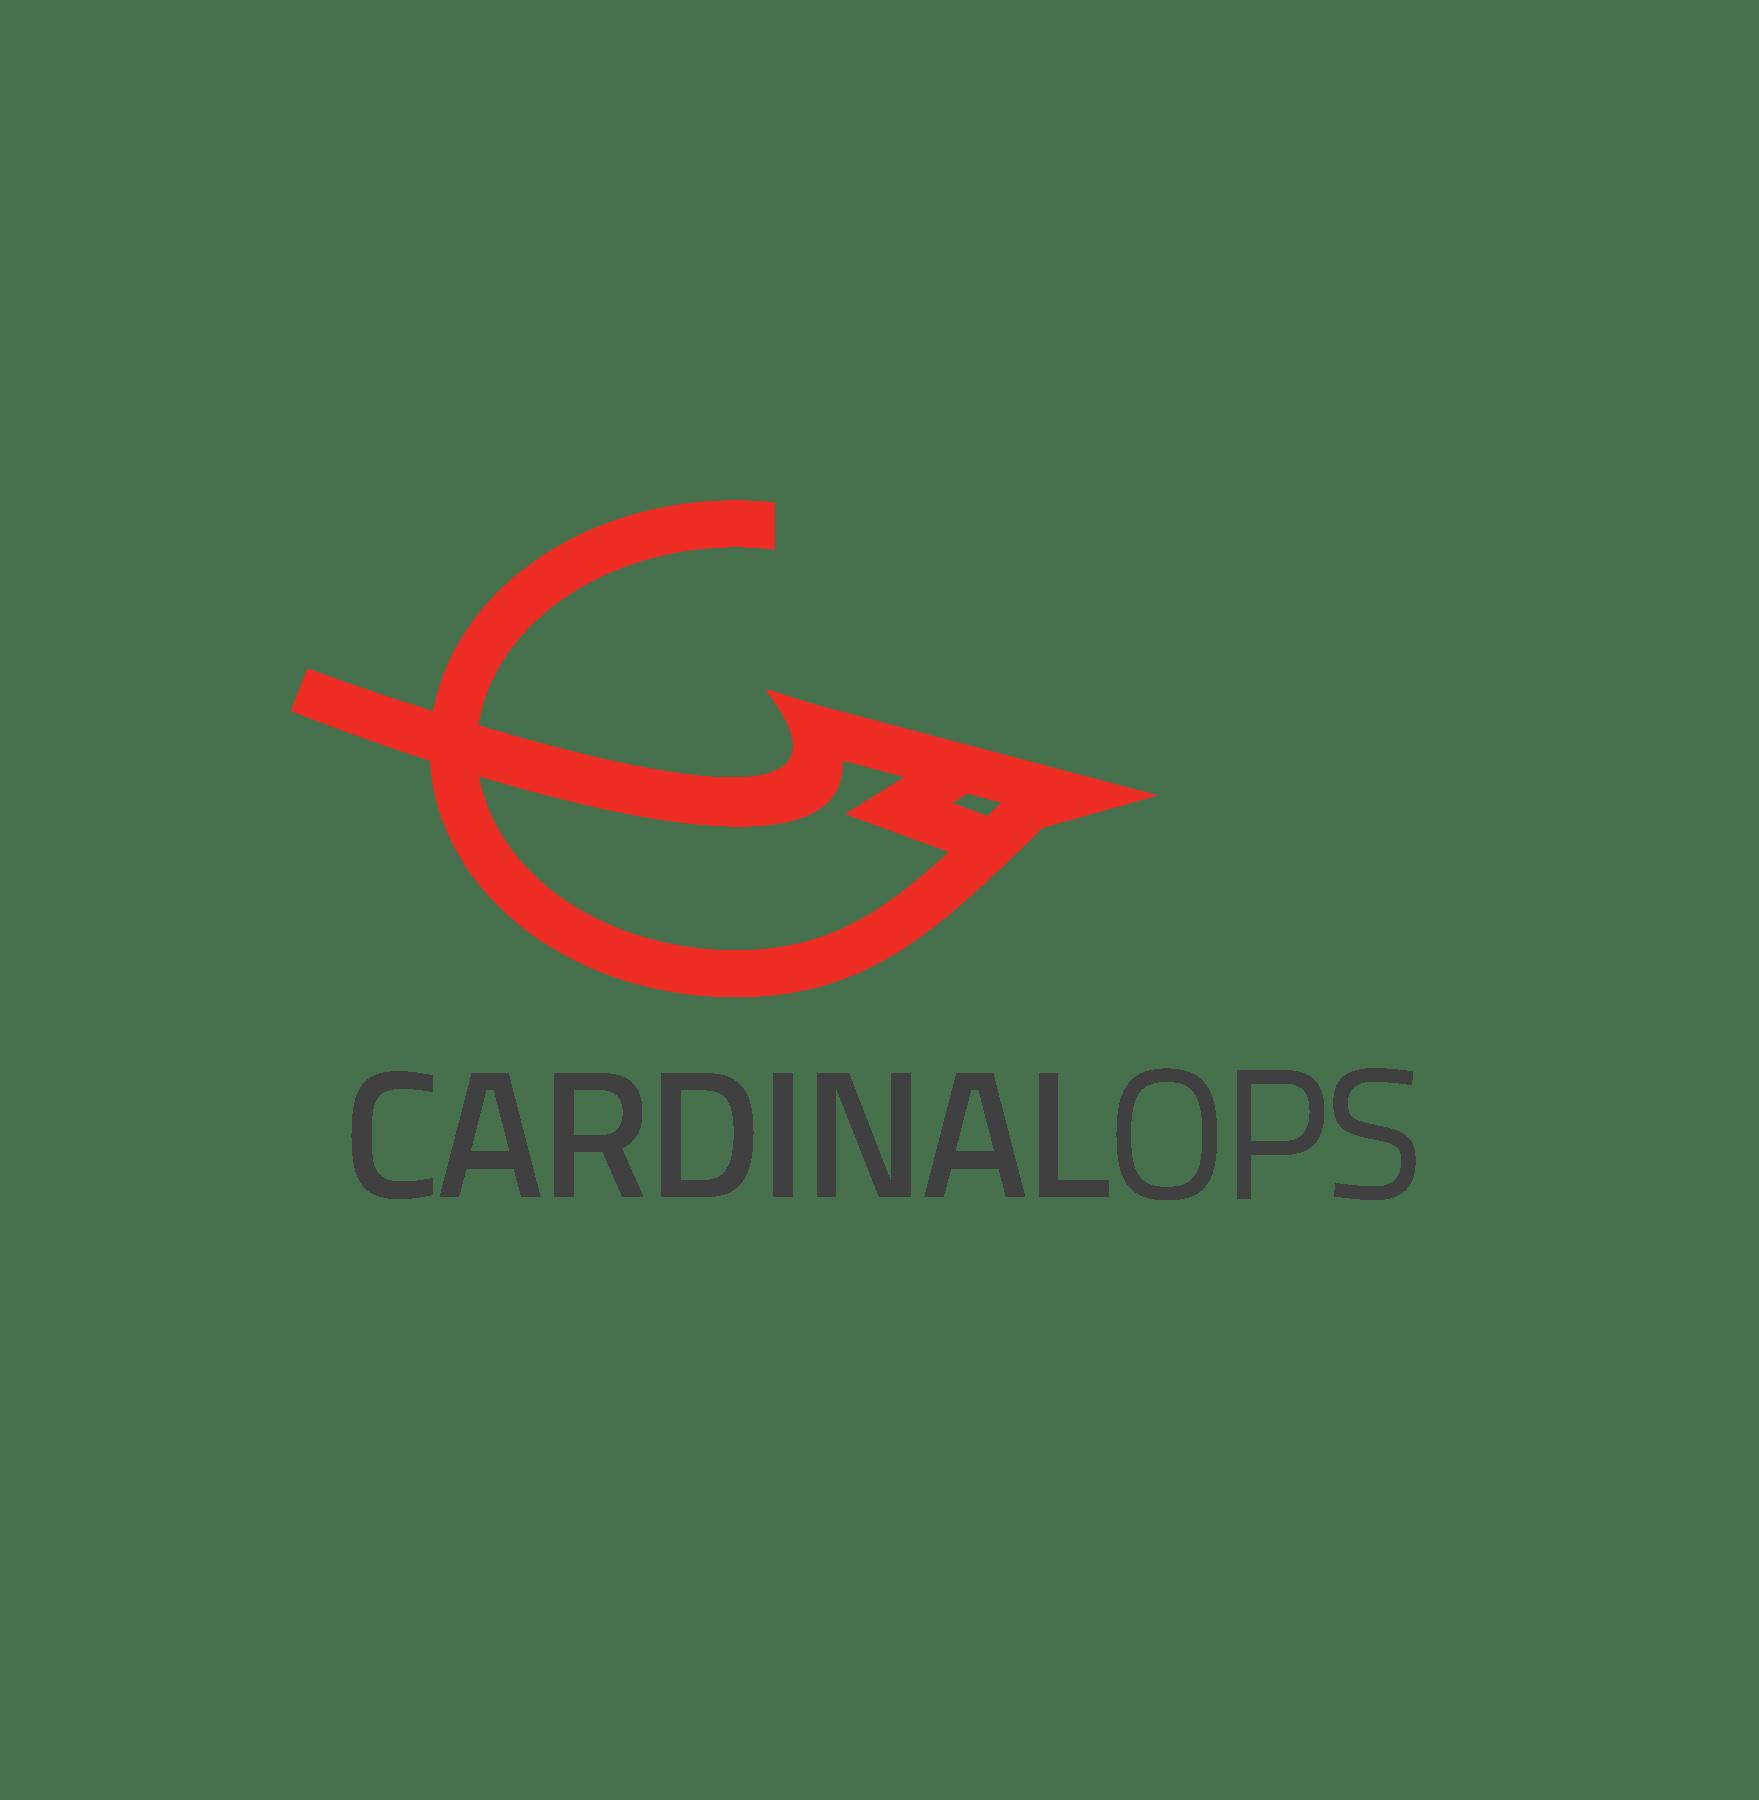 CardinalOps